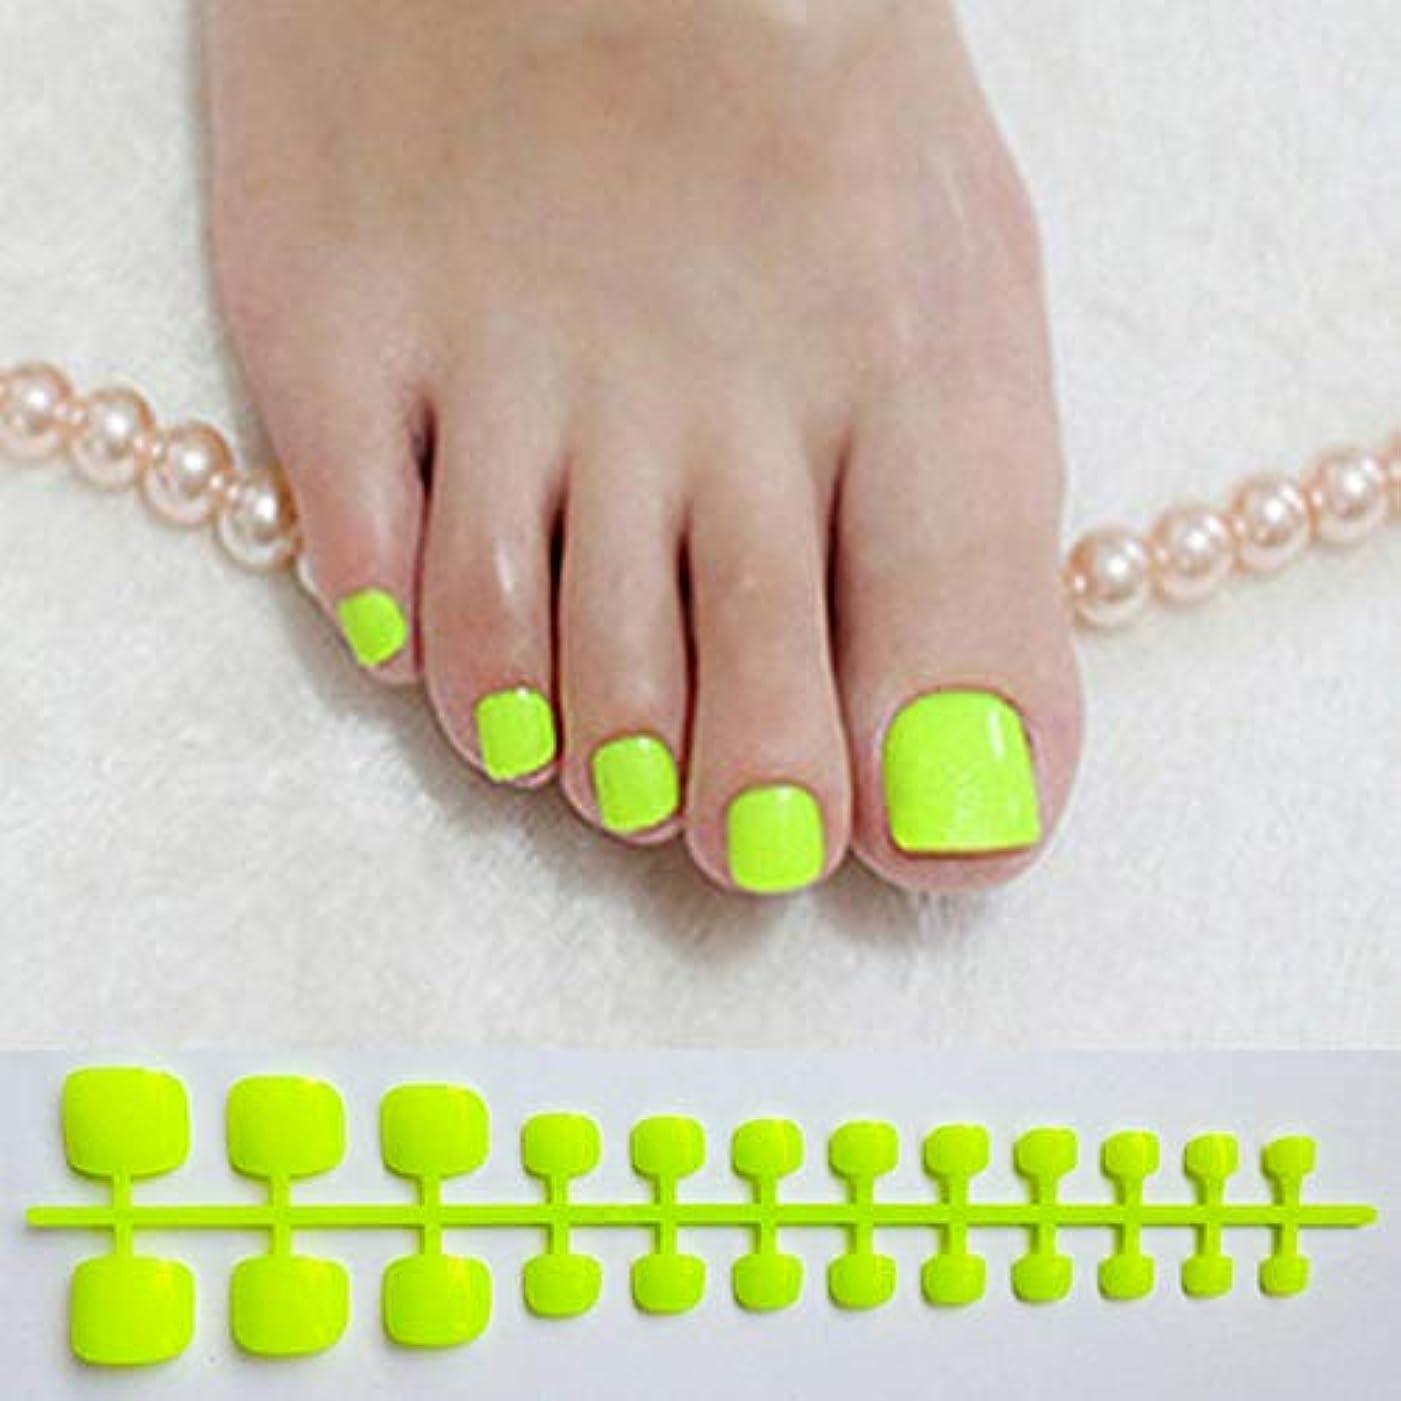 地上でうまくいけばデンプシーXUTXZKA 人工爪色の爪の明るい緑の偽のつま先の爪の広場